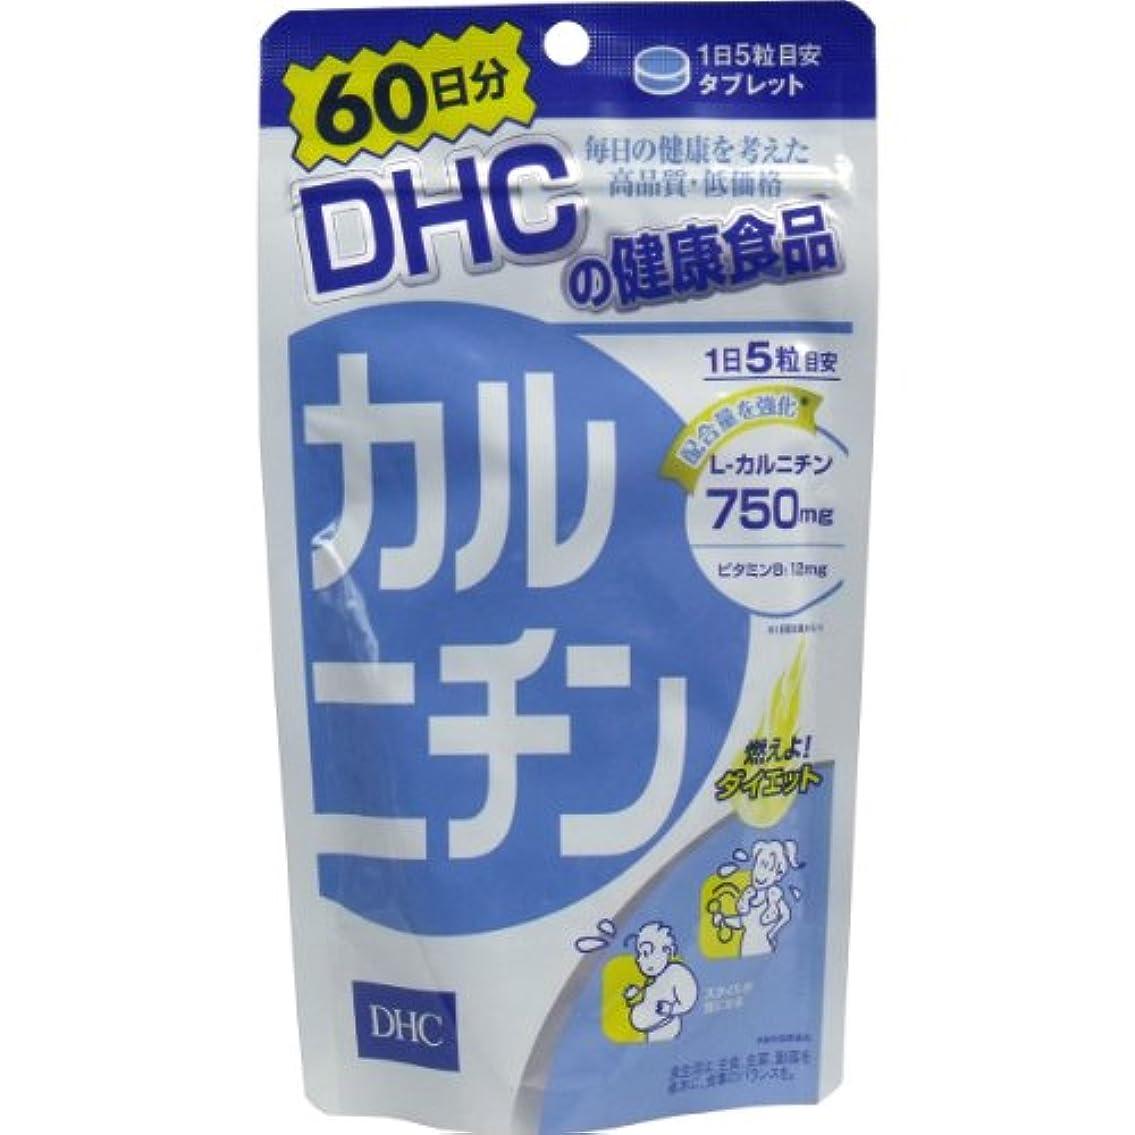 侵略する非難するDHC カルニチン 300粒入 60日分